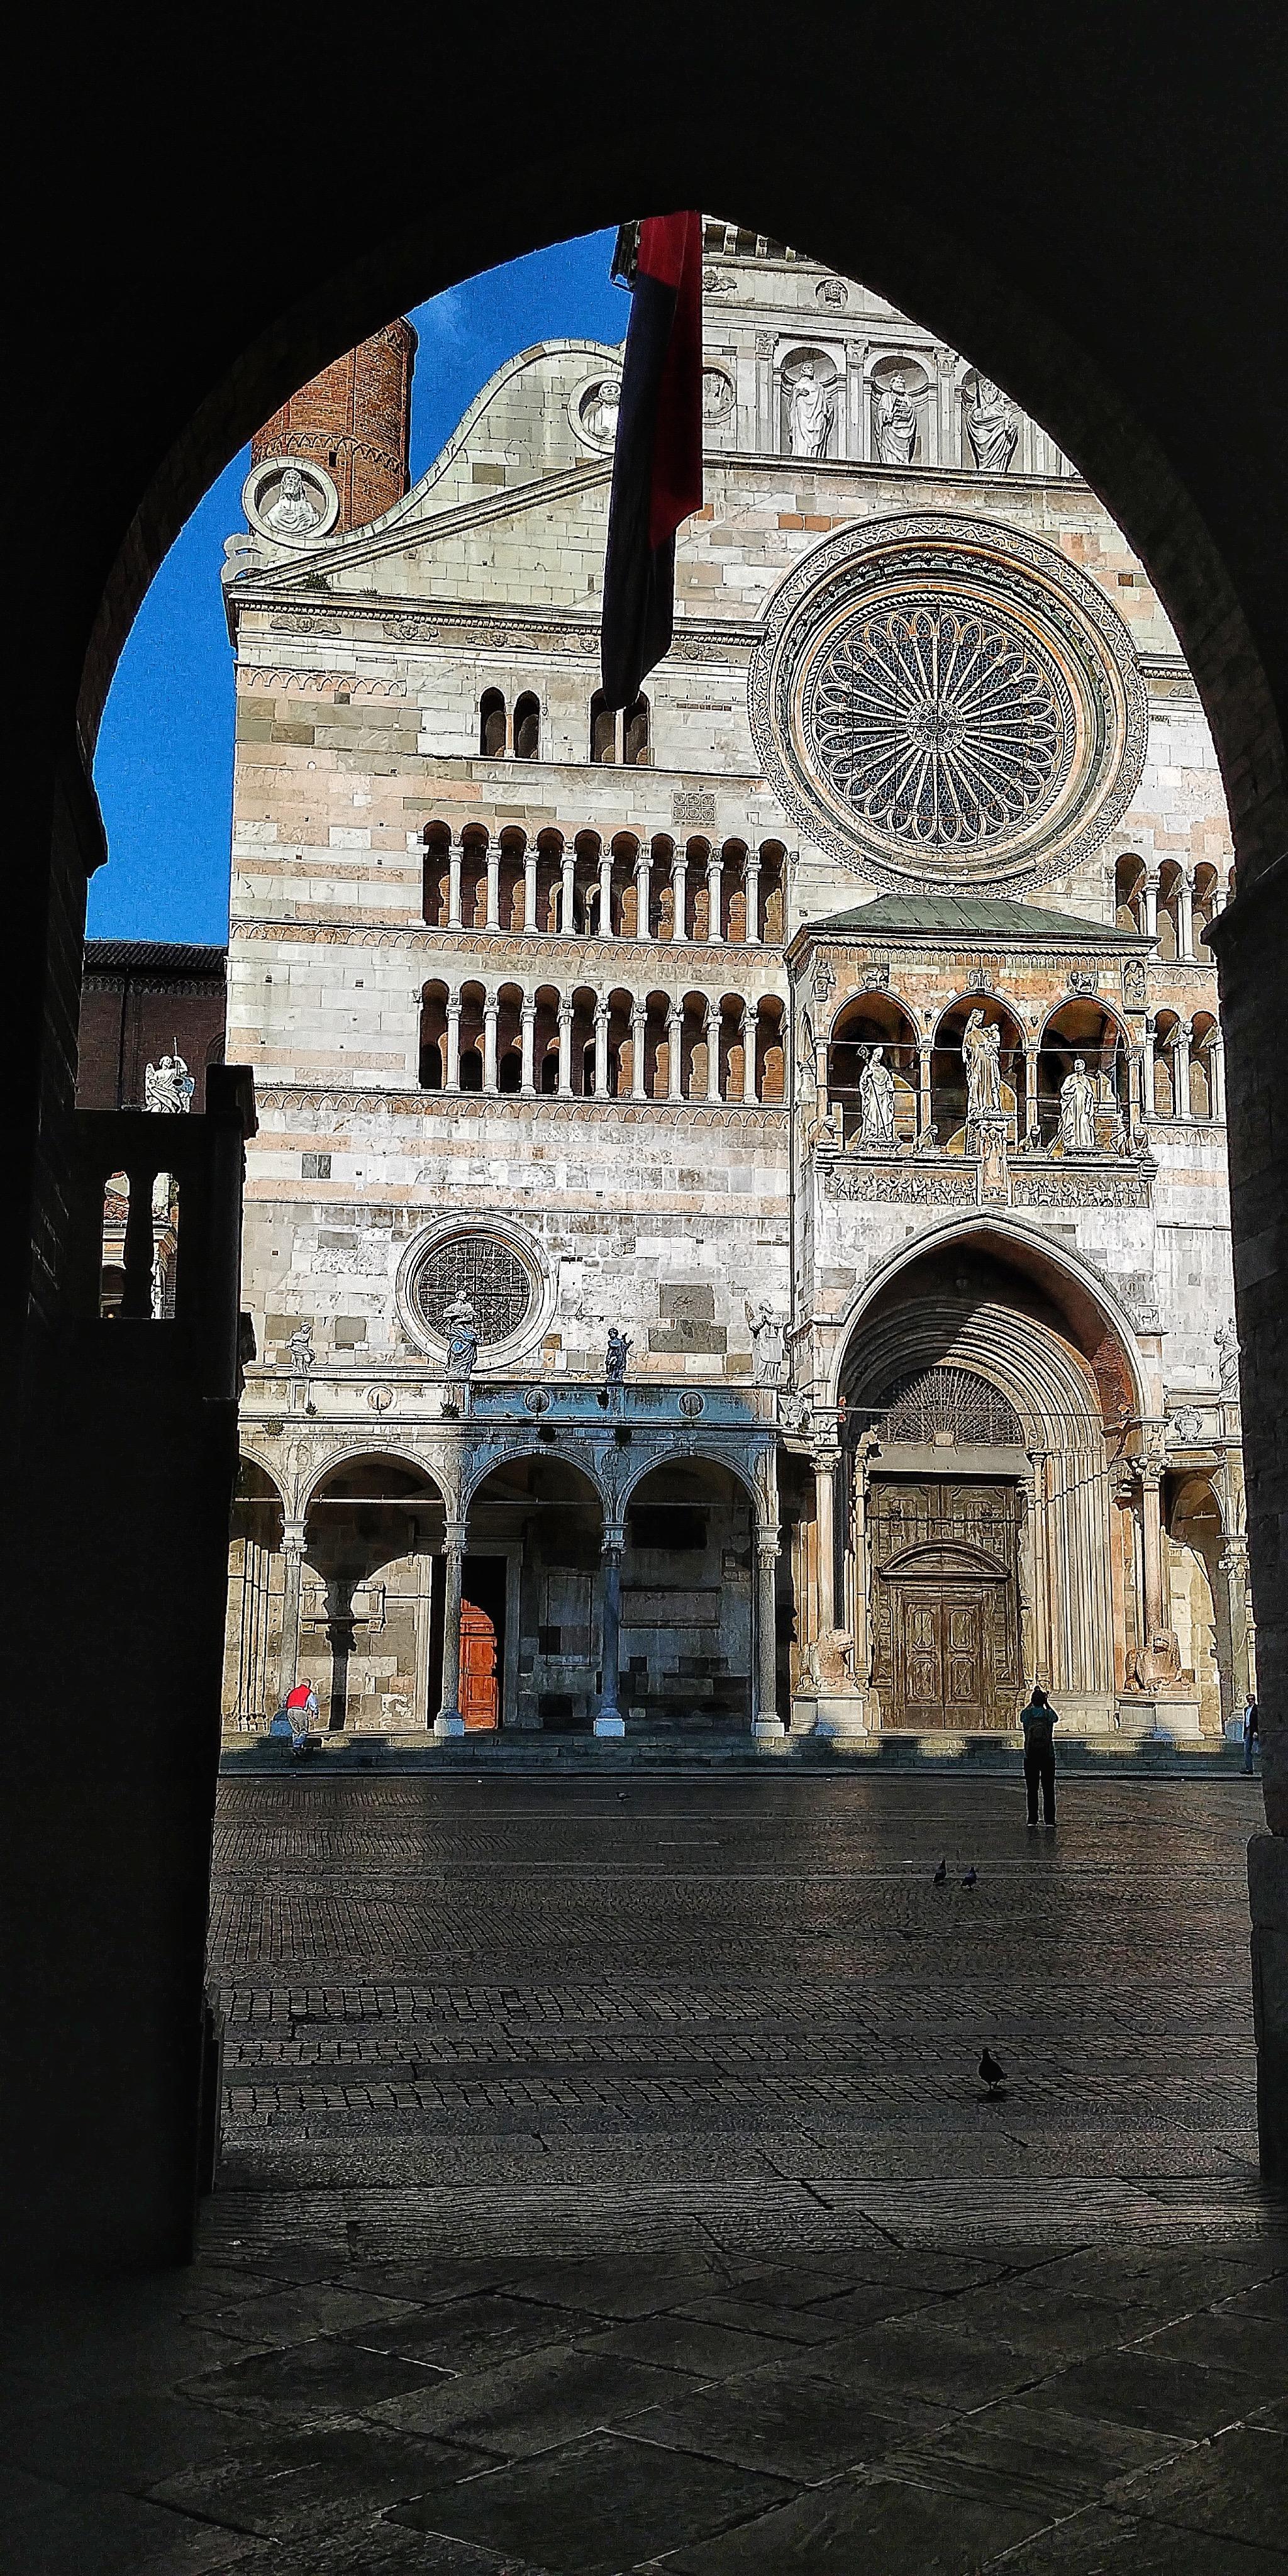 Portici Duomo di Cremona Lg G6 foto